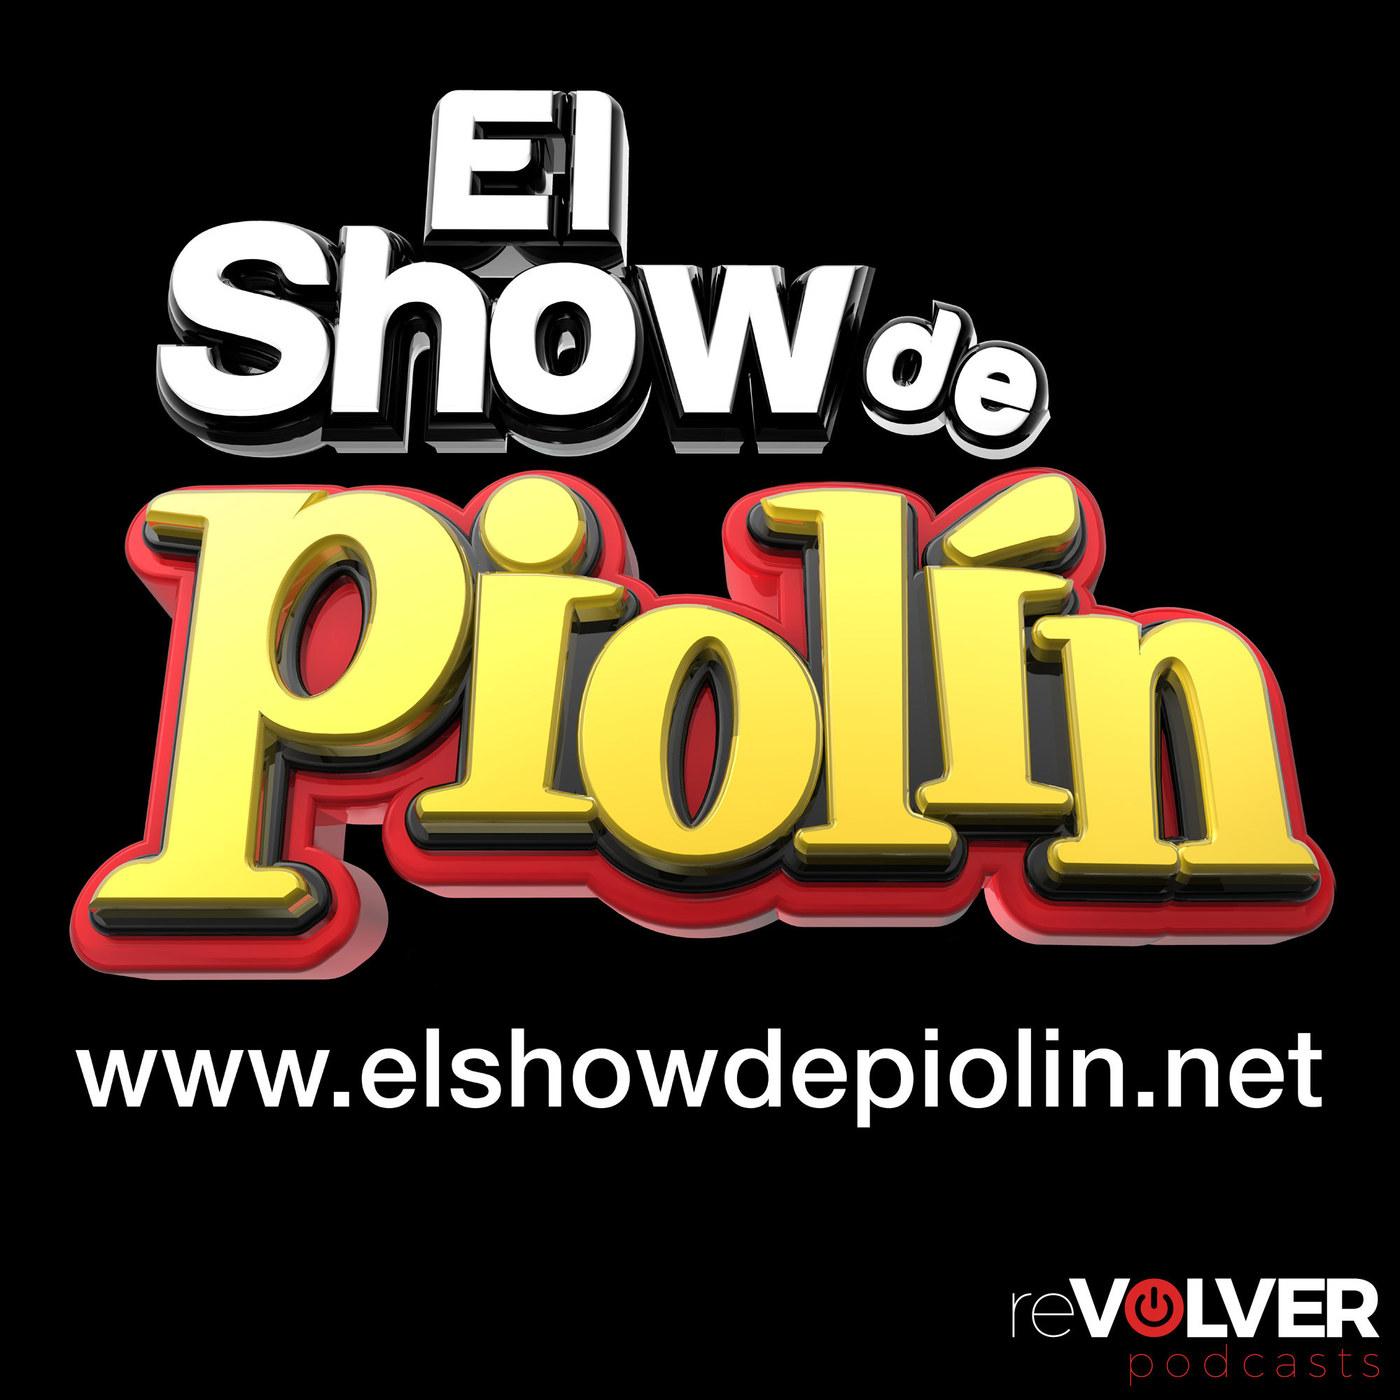 Episode 858 (August 21, 2019) - No te pierdas a Lorenzo Mendez presentando nueva cancion y a Jacqie Rivera en el Show de Piolin